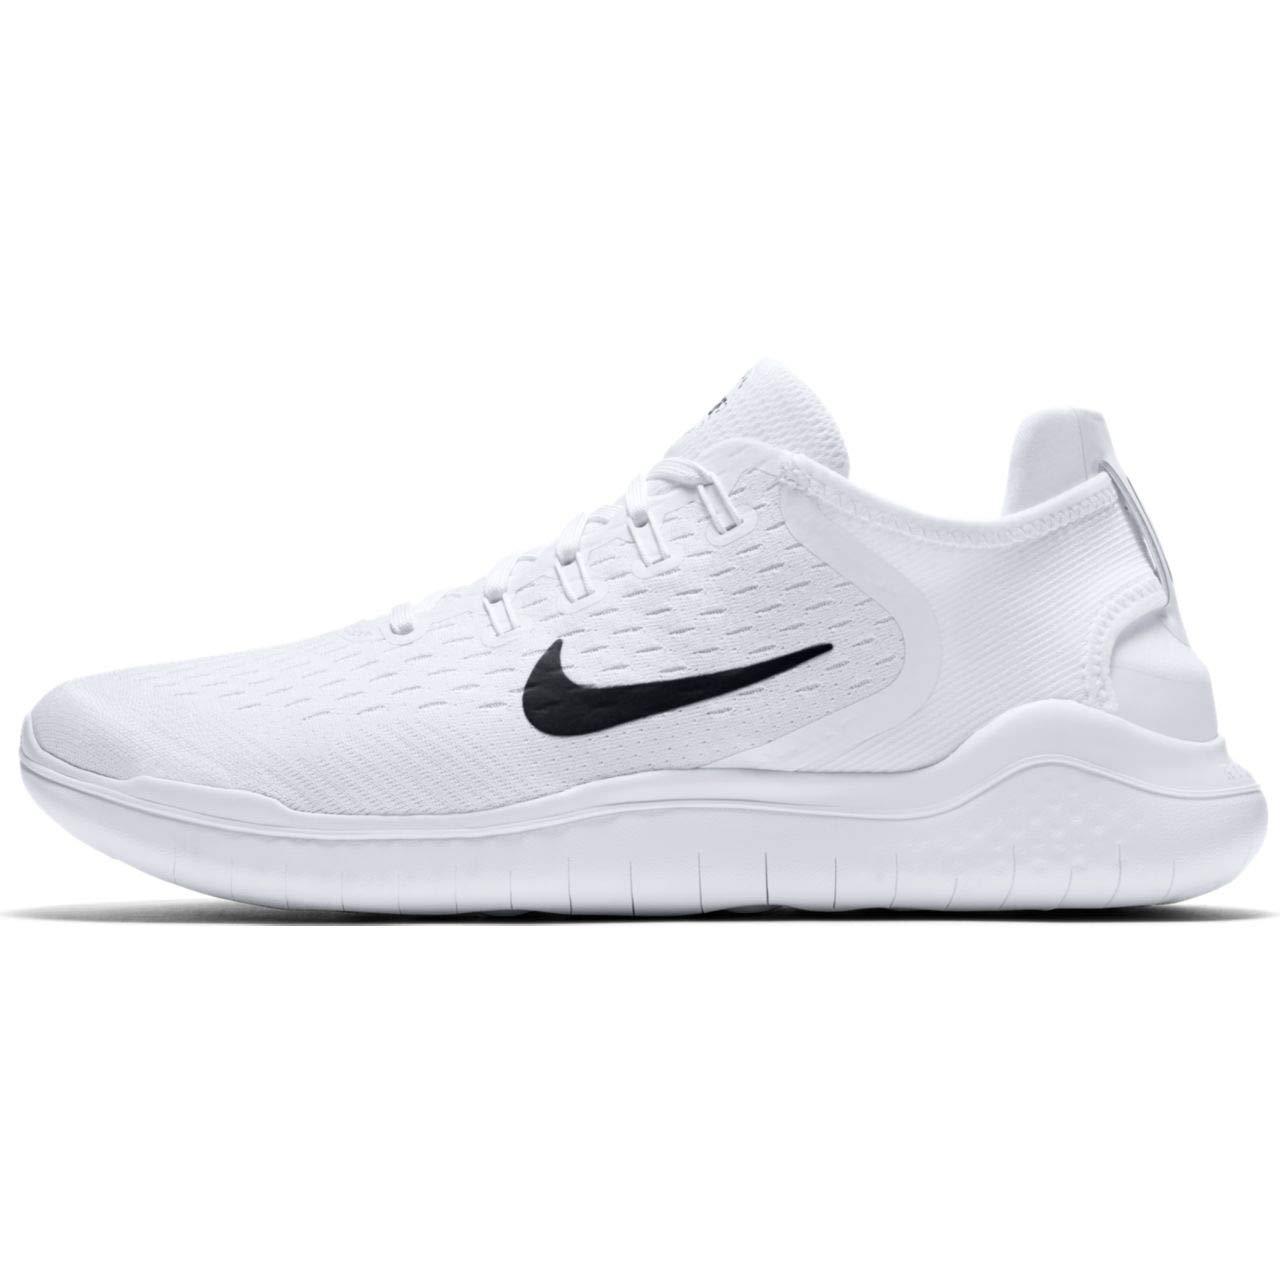 Blanc (blanc noir 100) Nike Libre RN 2018, Chaussures de FonctionneHommest Homme